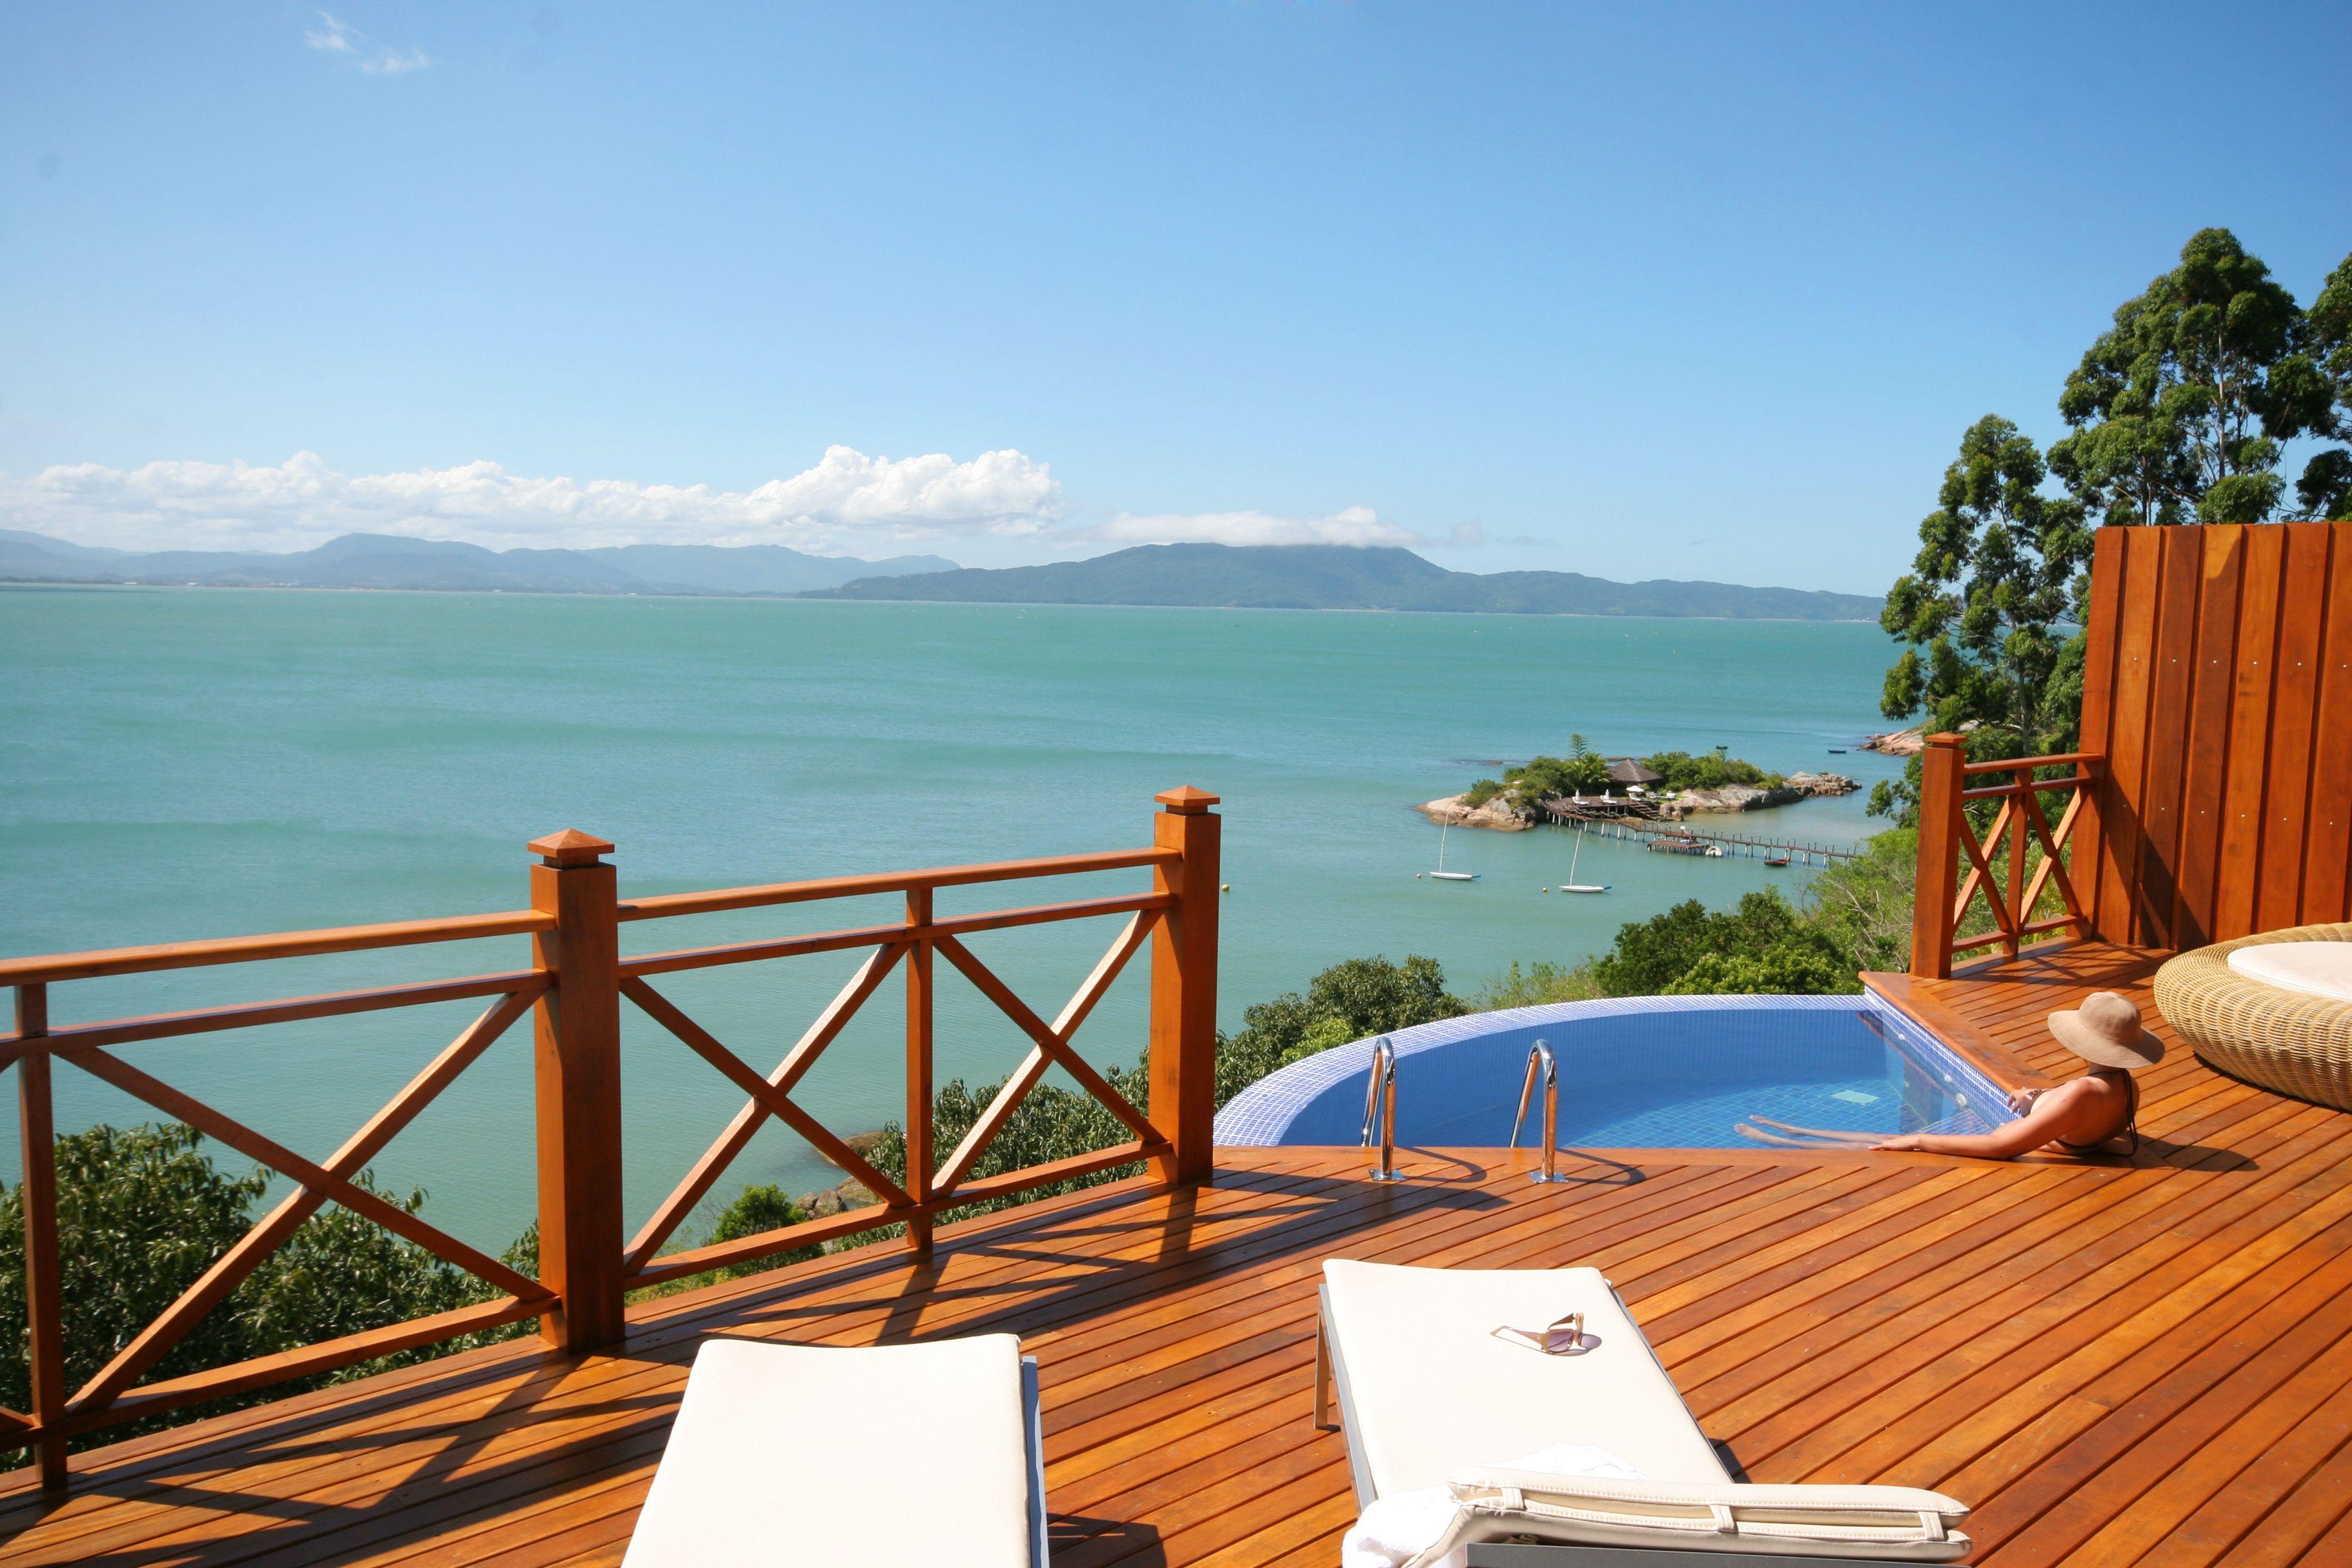 Views from the villas at Ponta dos Ganchos